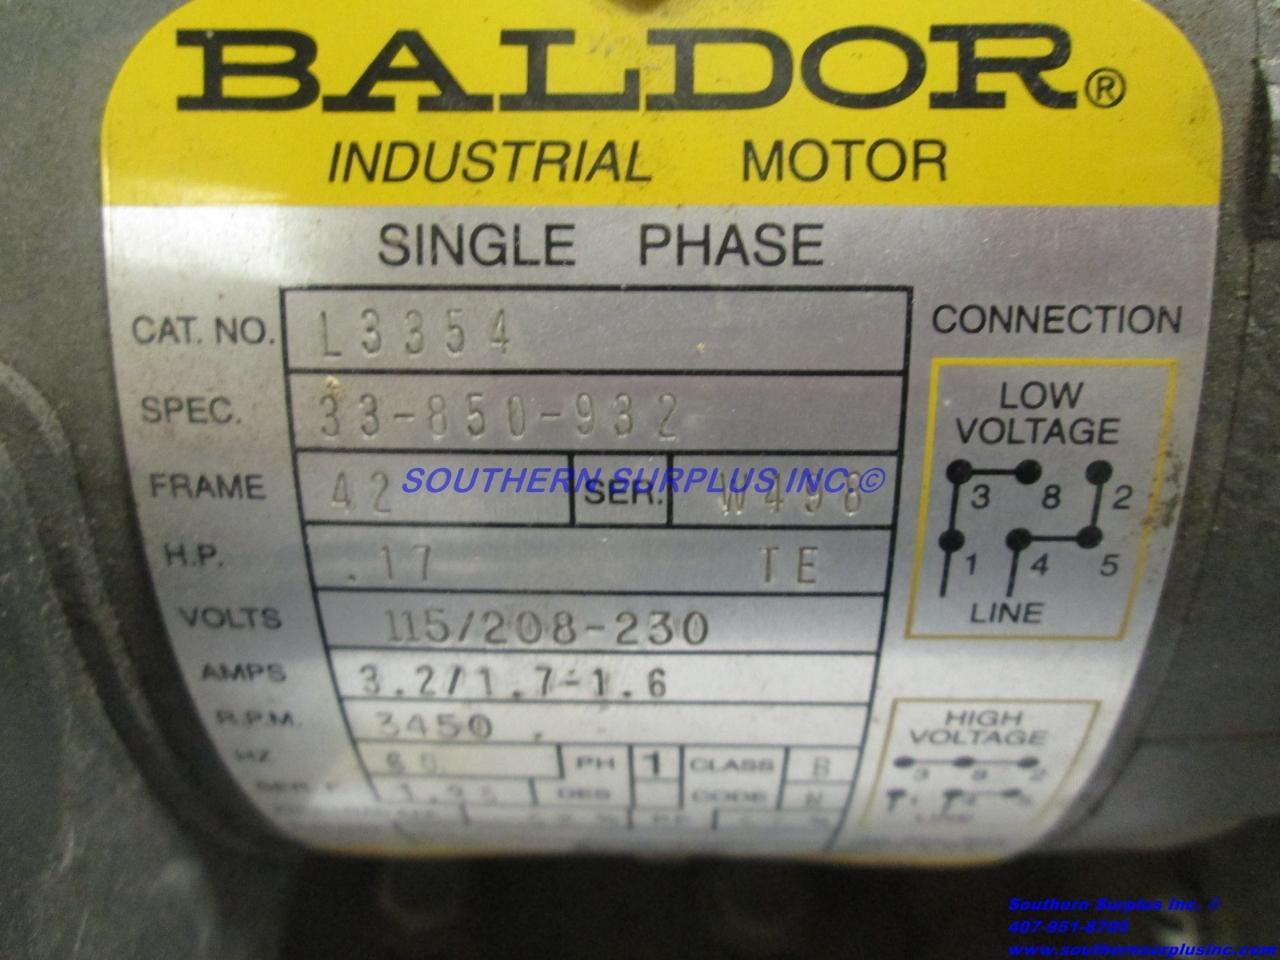 baldor brake wiring diagram td 8312  wiring diagrams for baldor motors 115 230  wiring diagrams for baldor motors 115 230